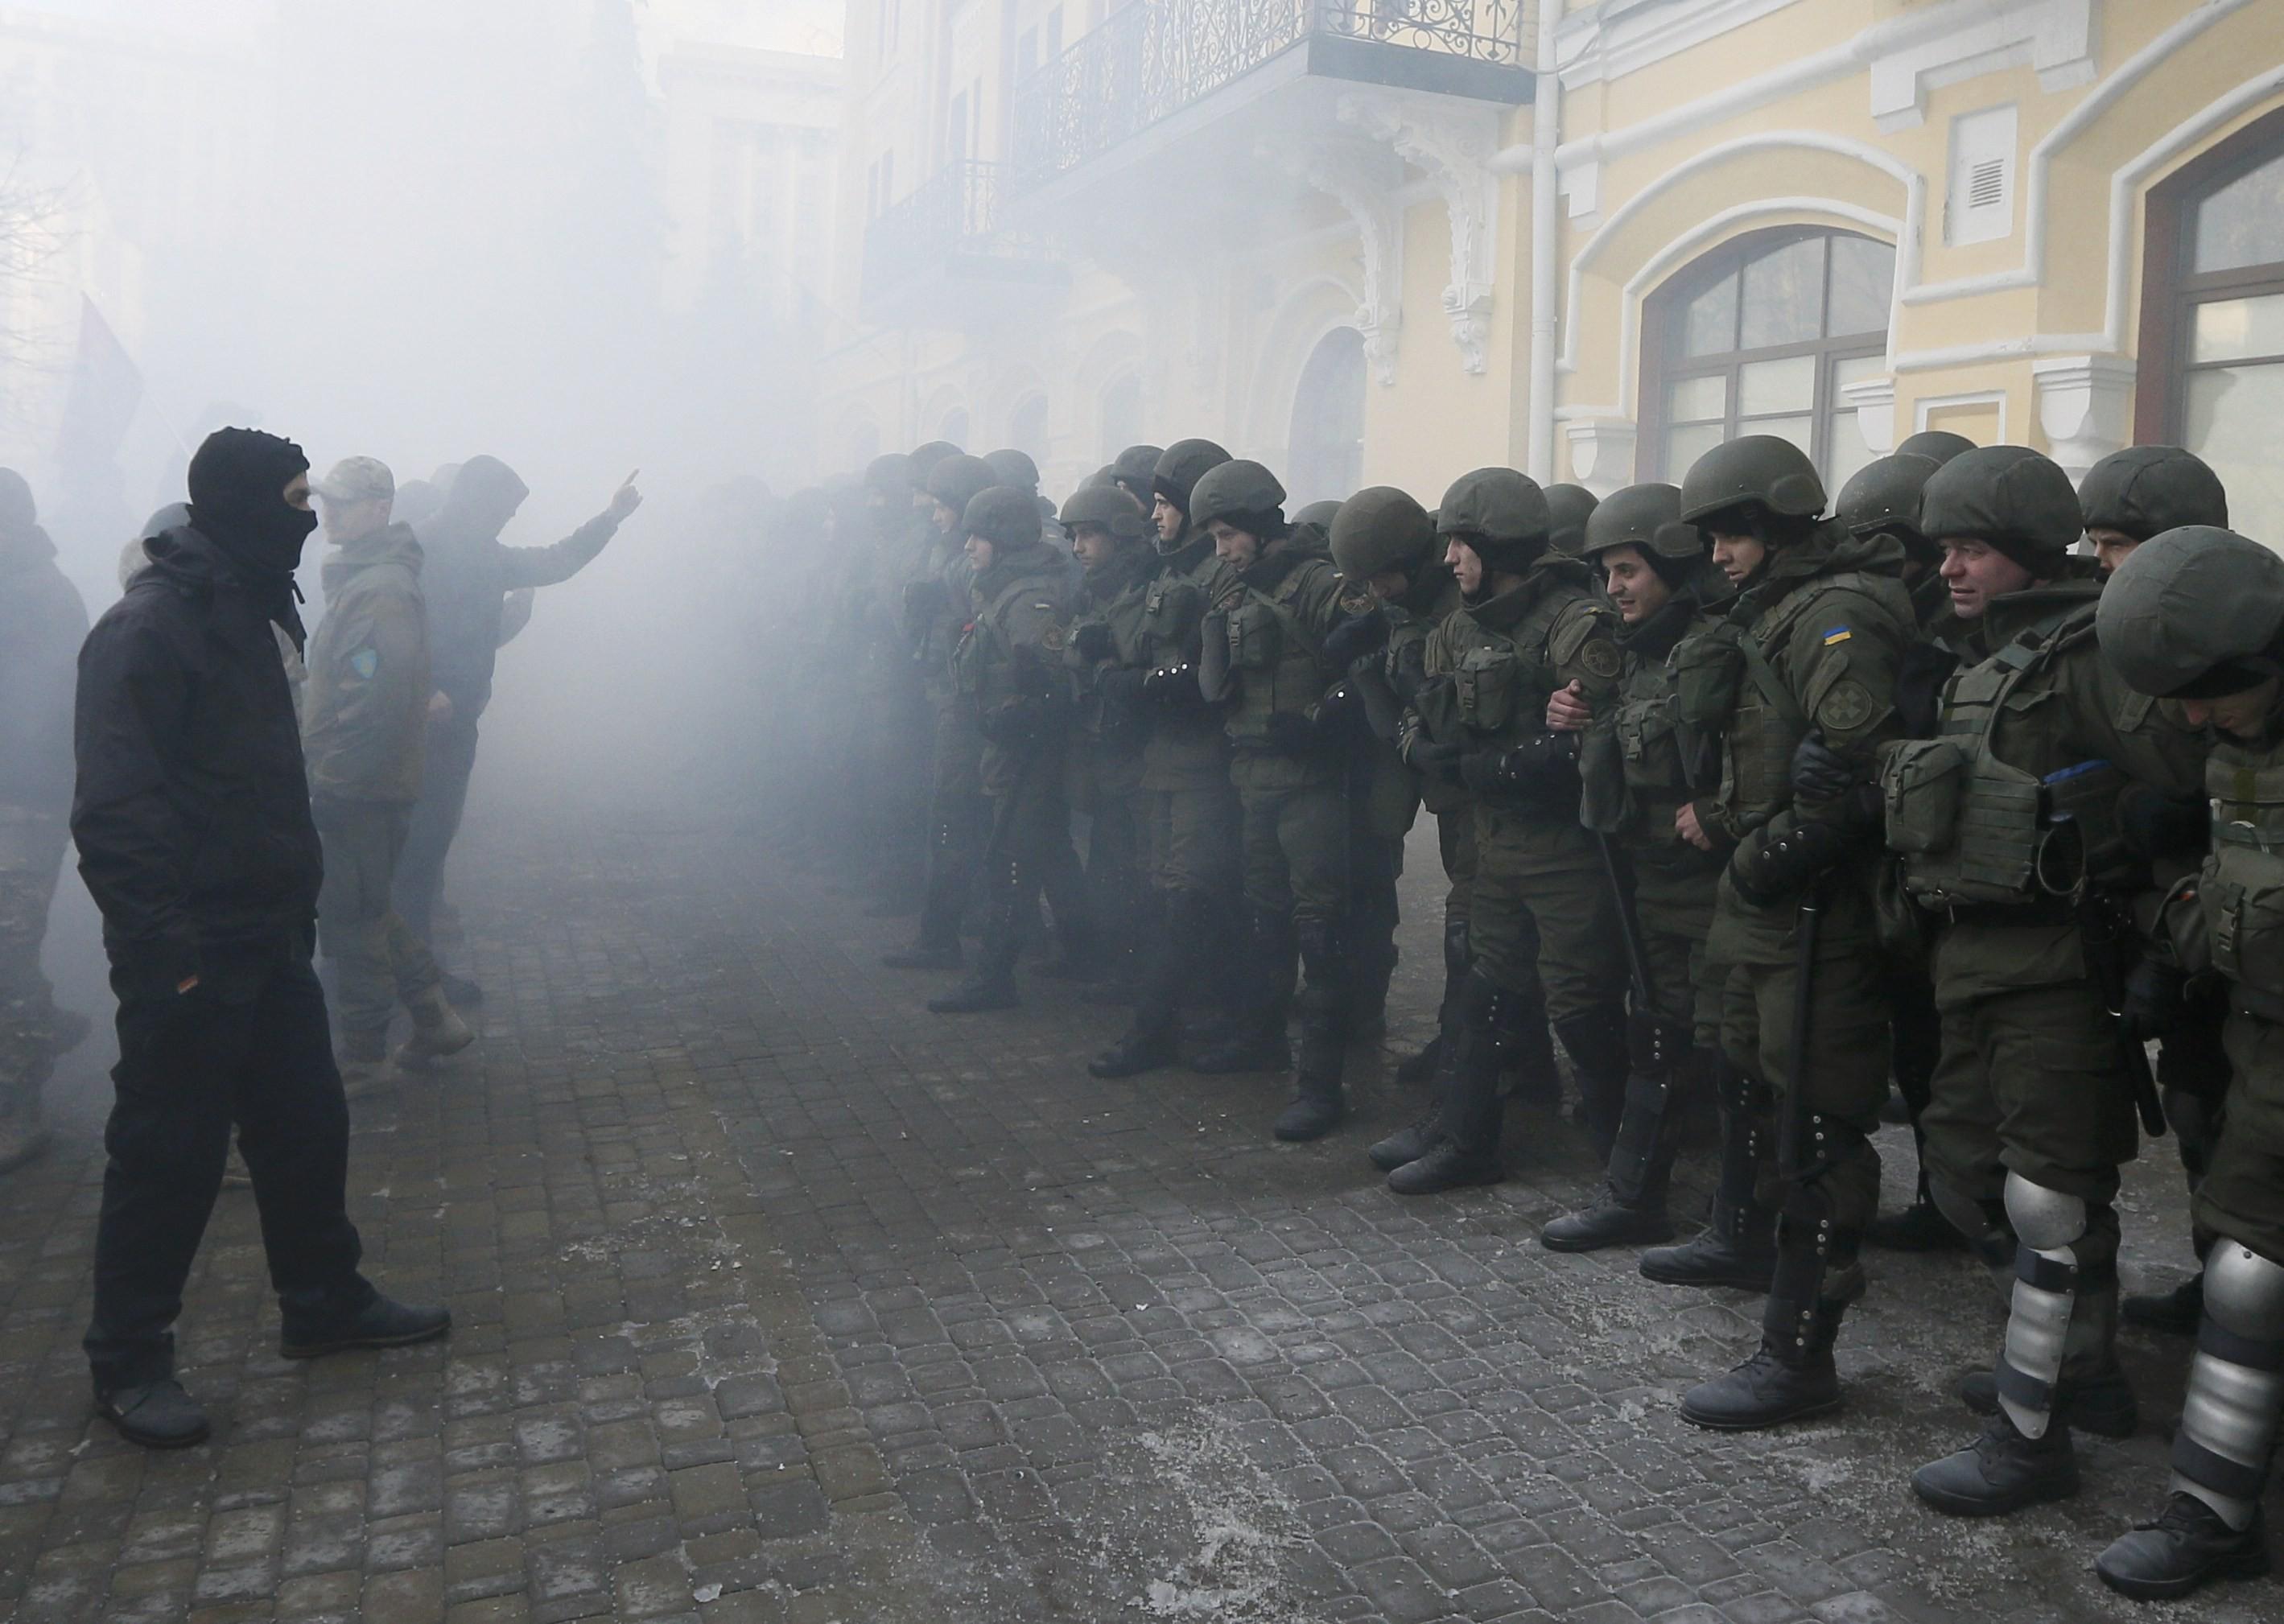 «Блокадное вече»: встолкновениях достаточно серьезно травмирован полицейский